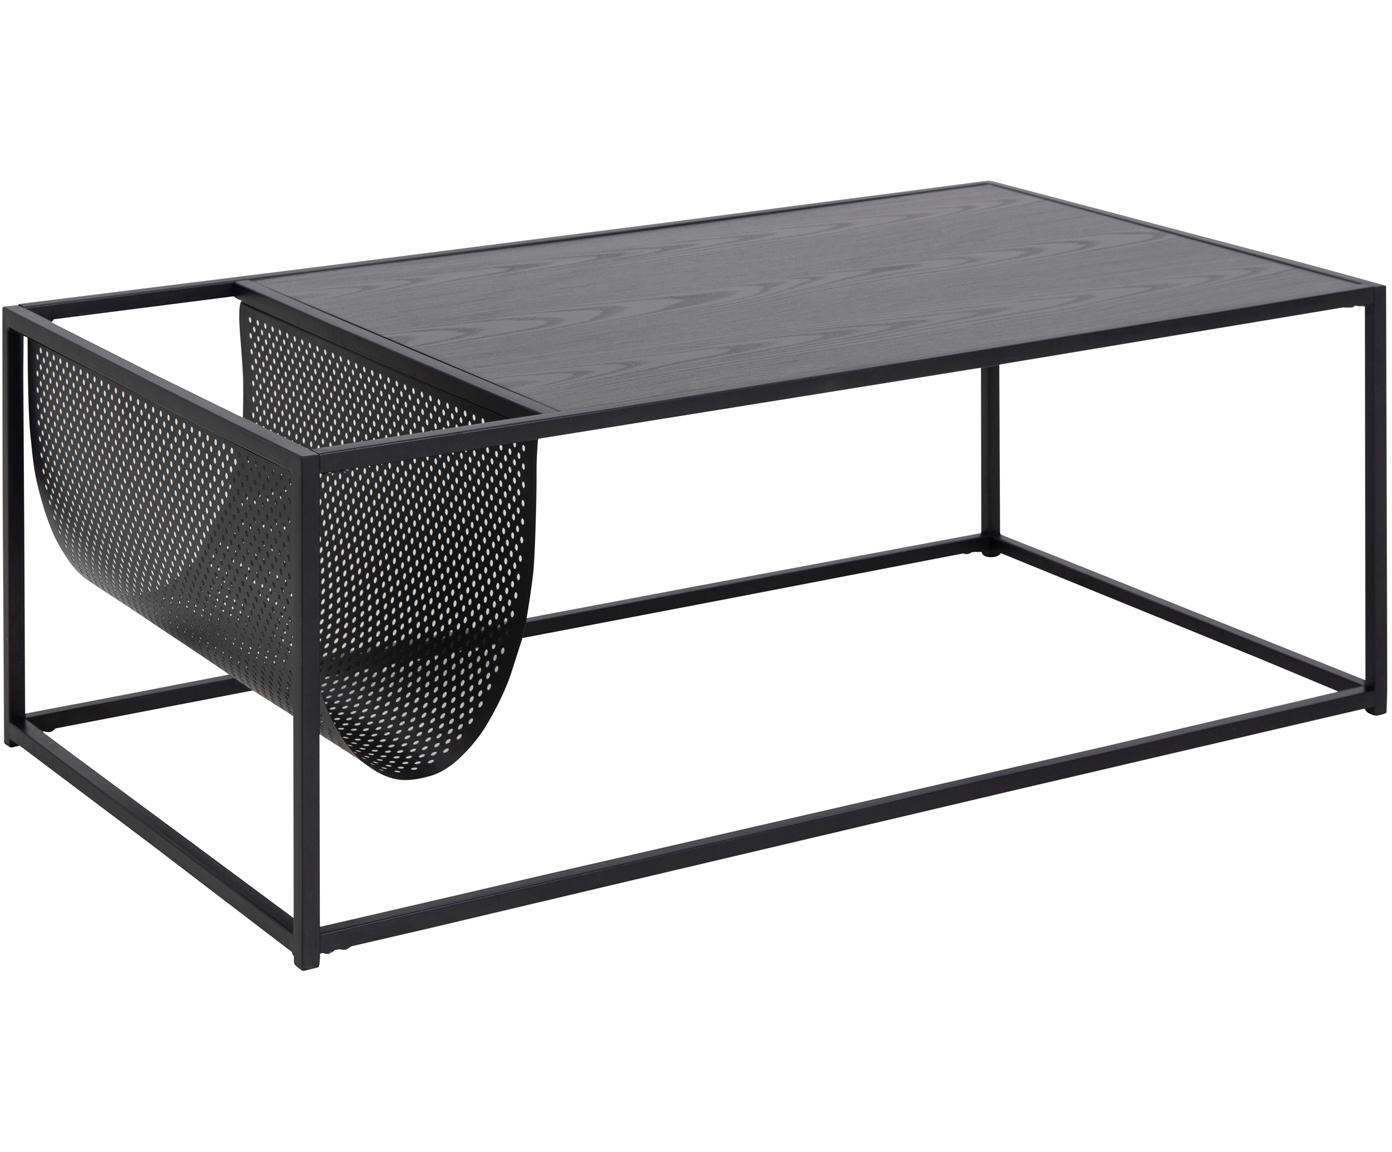 Tavolino da salotto con portariviste Seaford, Pannello di fibra a media densità (MDF), melamina, metallo verniciato a polvere, Nero, Larg. 110 x Prof. 60 cm